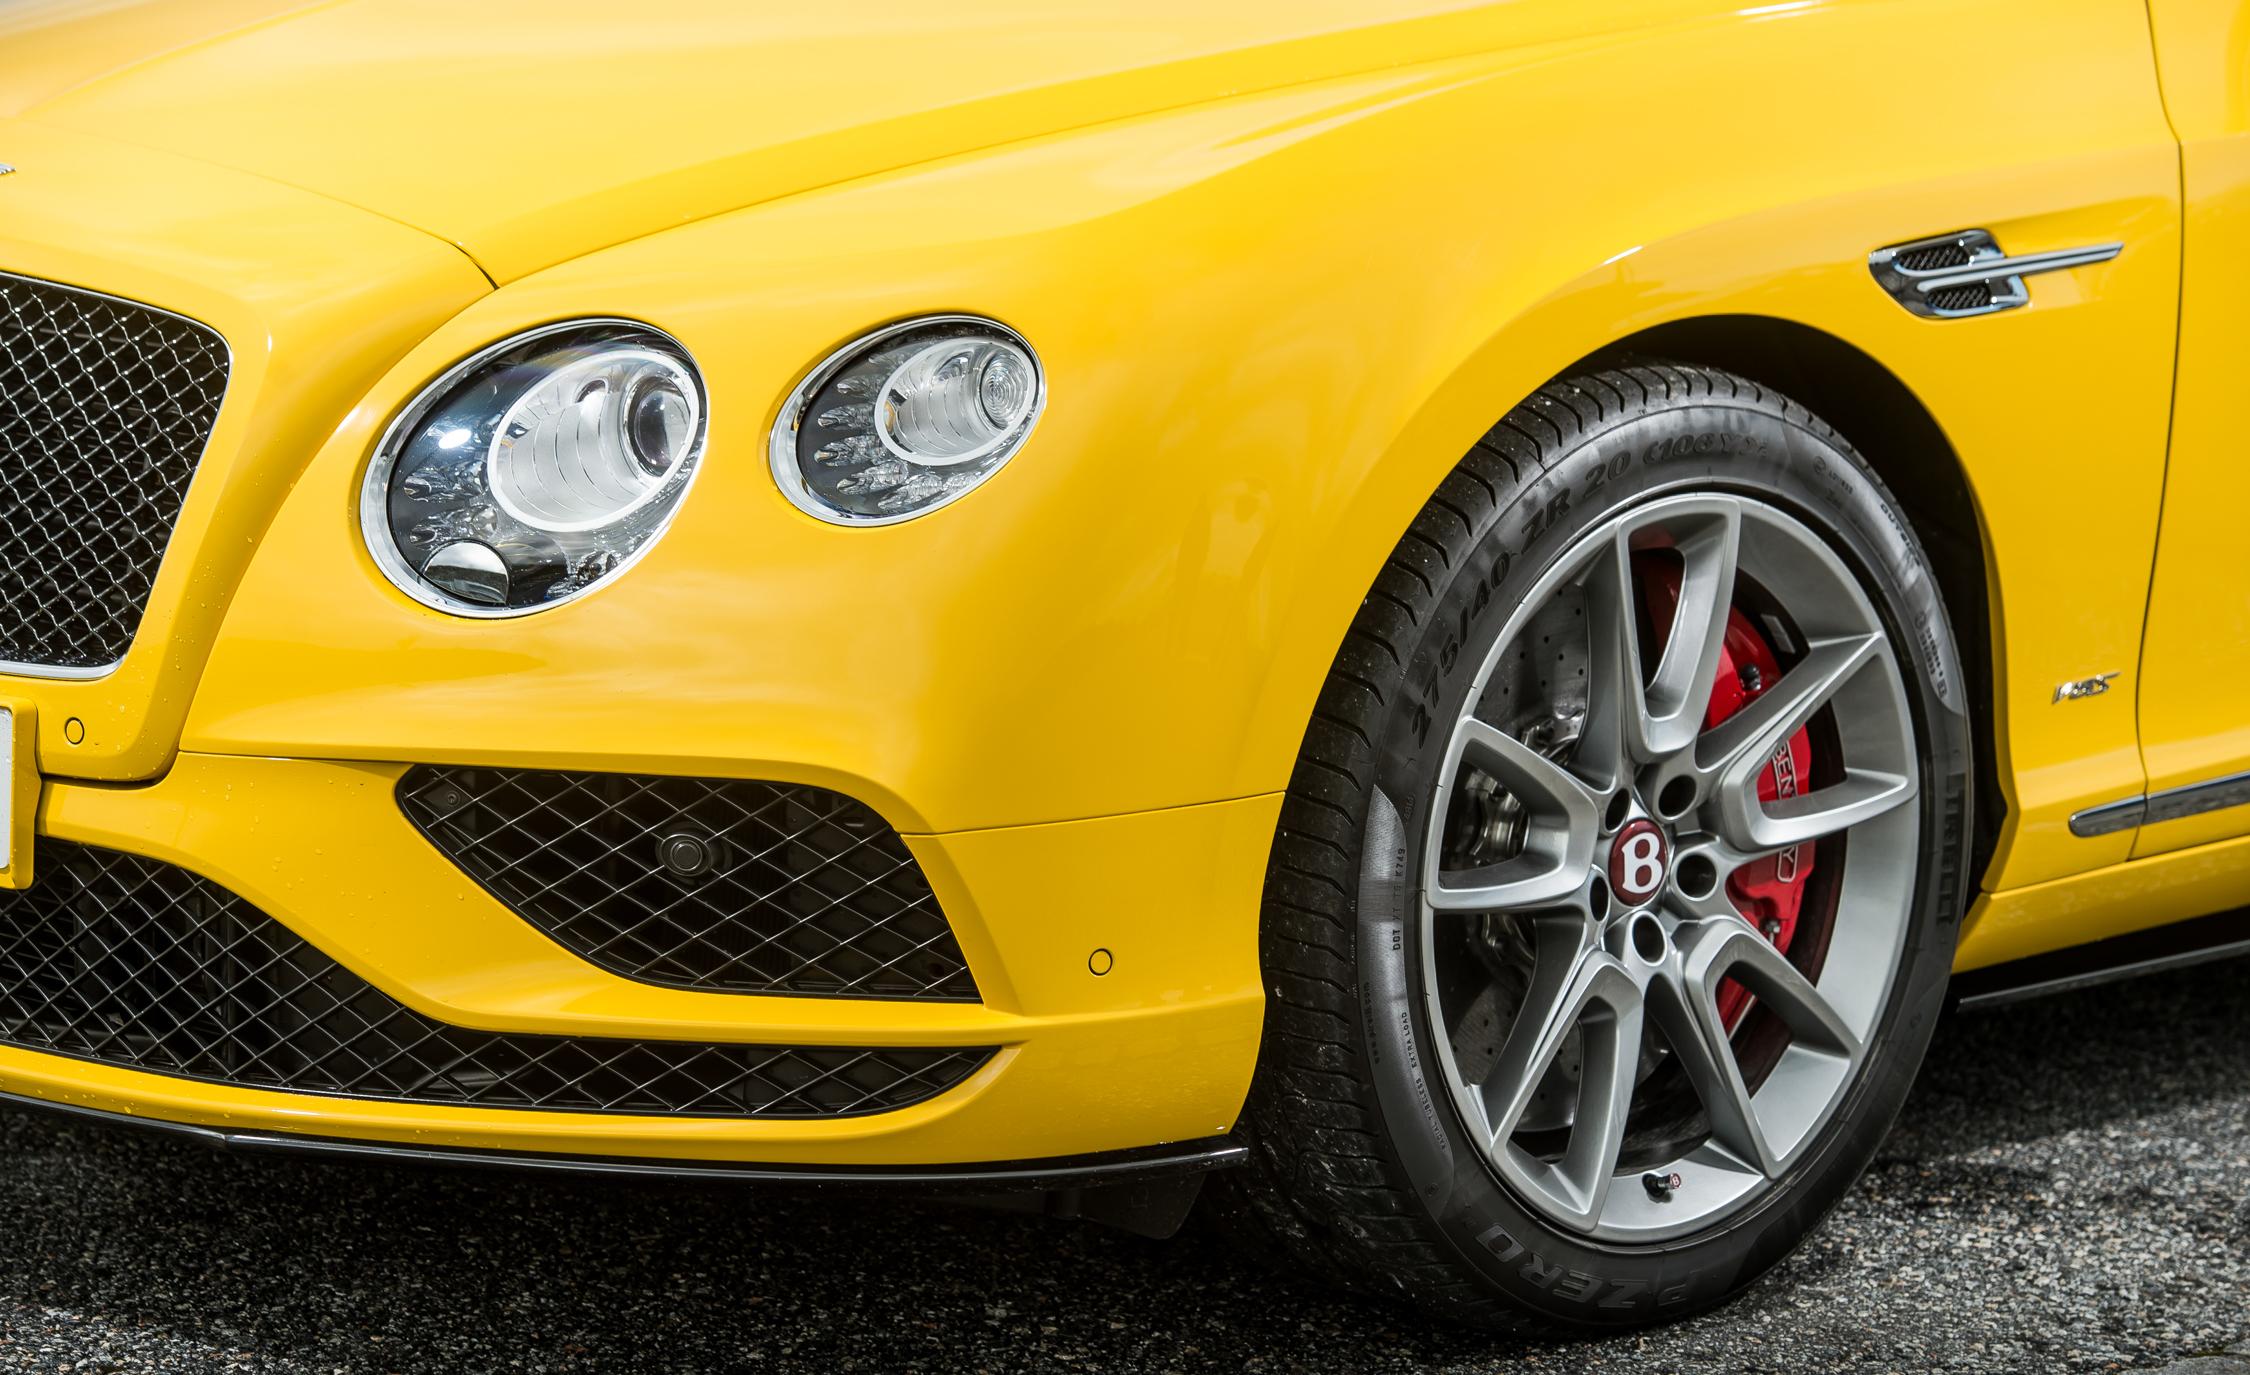 2016 Bentley Continental GT S Exterior Headlight